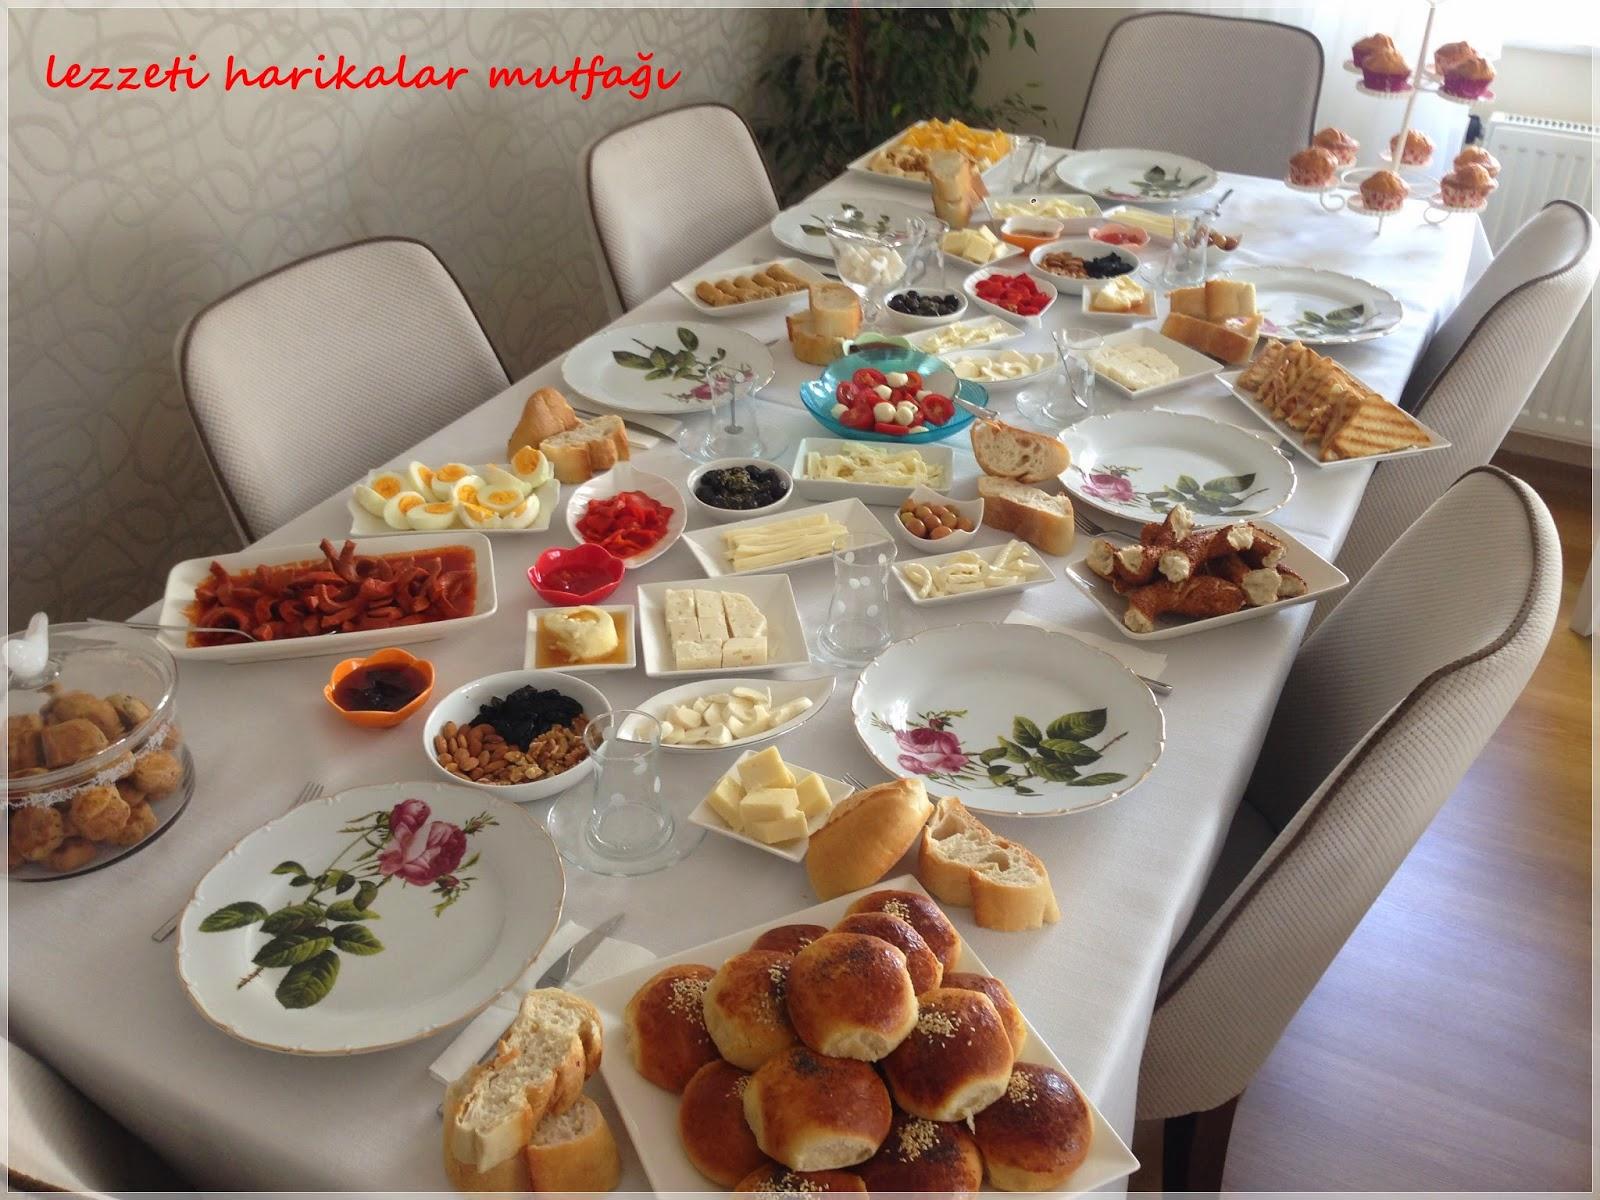 Turk annem ve evde kurt arkadasim tek kalinca - 2 part 4